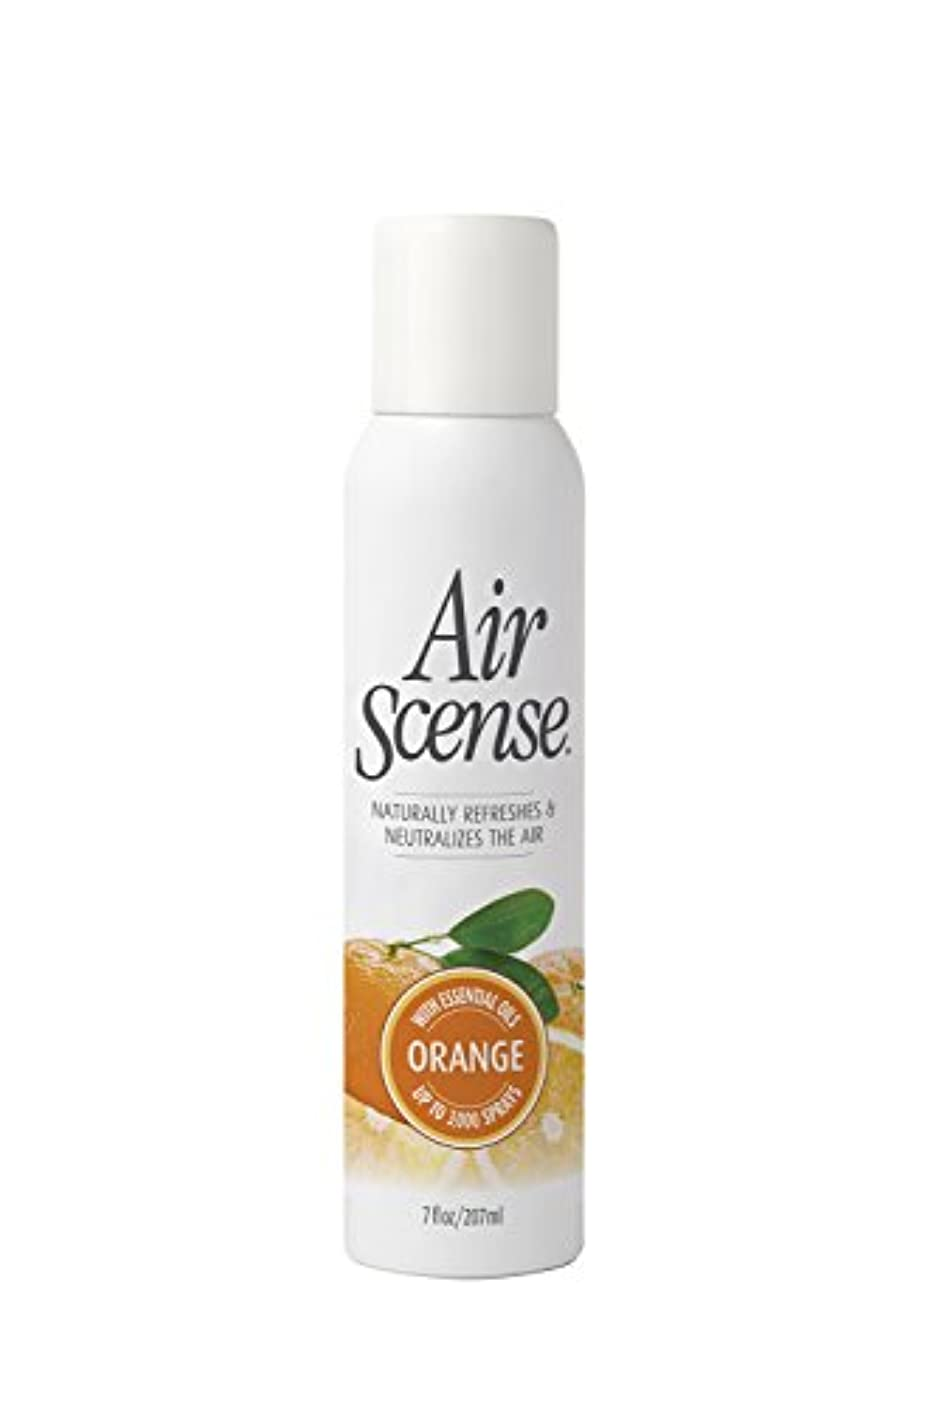 回転物理的なピービッシュAir Scense - オレンジ芳香剤、4 X 7のFz